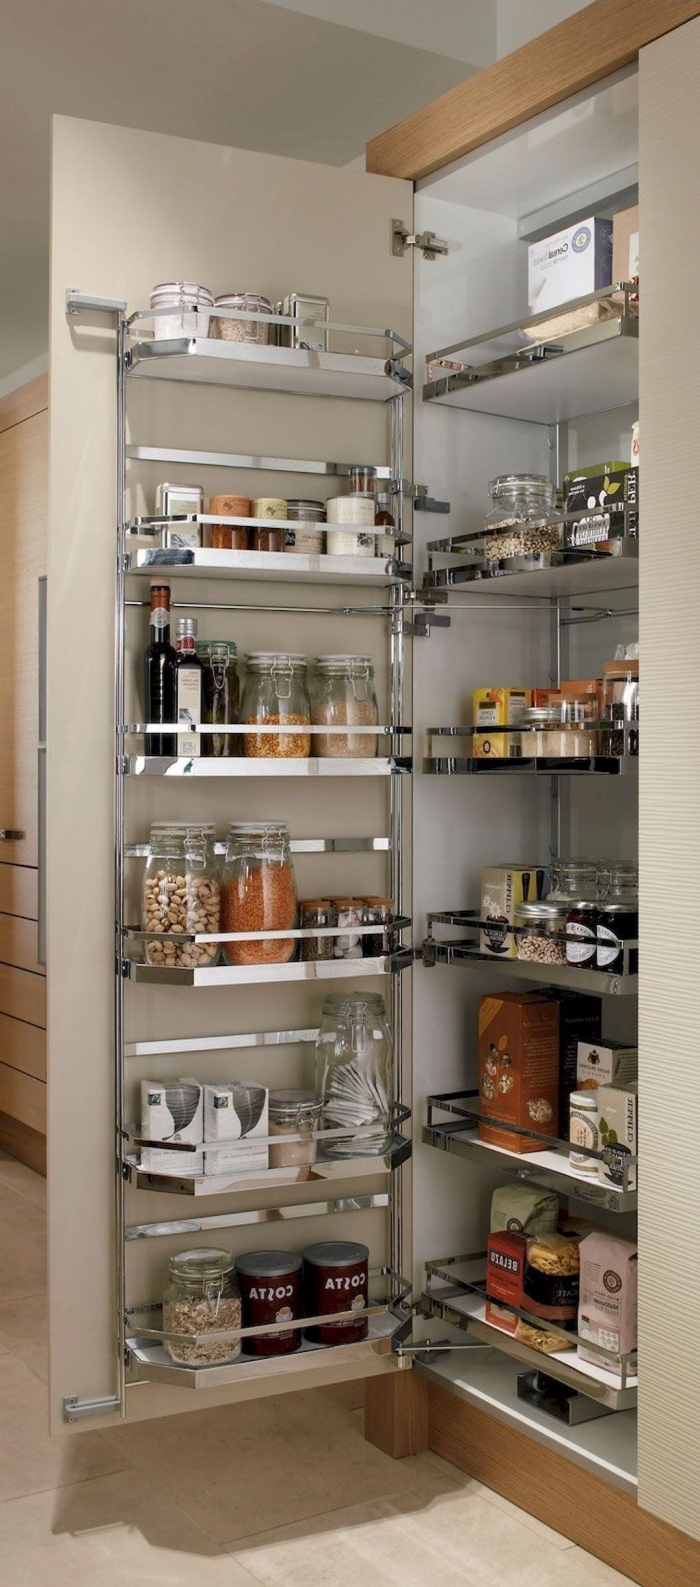 un système de rangement placard cuisine avec des étagères métalliques sur les portes de l'armoire et des tiroirs coulissants